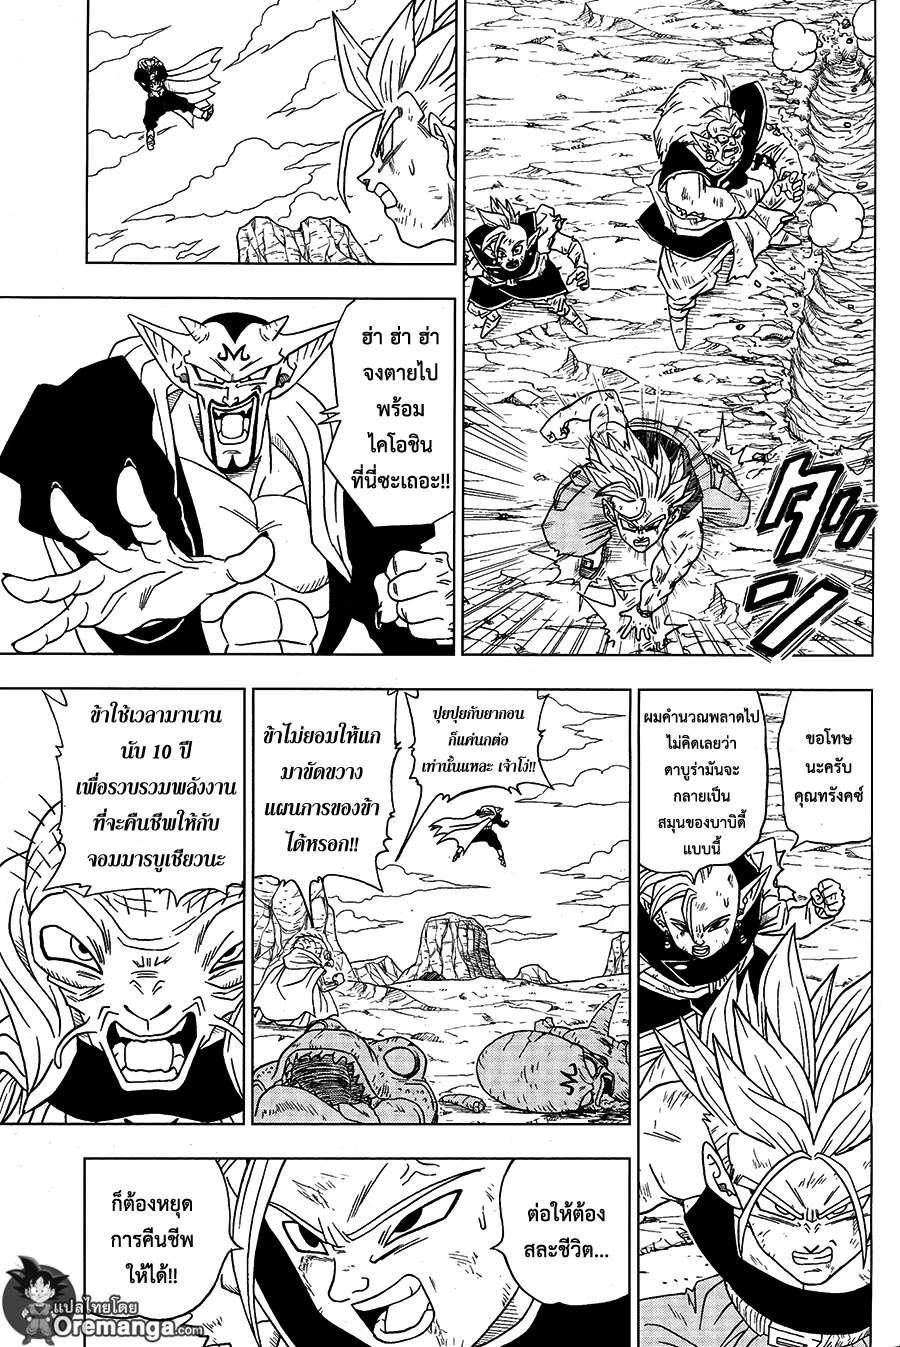 อ่านการ์ตูน Dragonball Super ตอนที่ 16 หน้าที่ 7